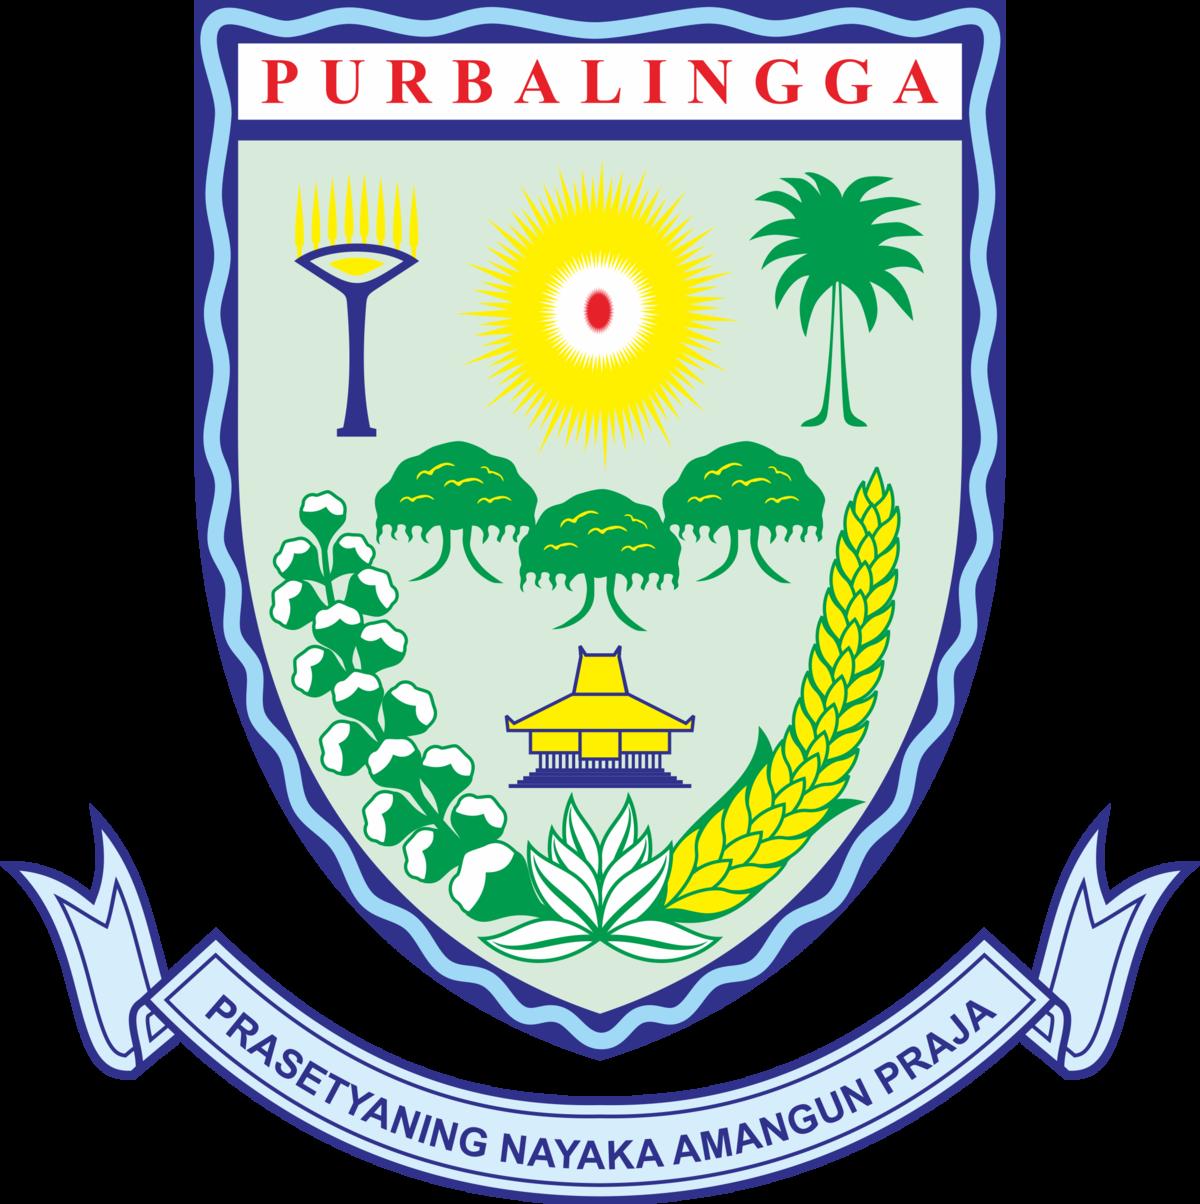 Kabupaten Purbalingga Wikipedia Bahasa Indonesia Ensiklopedia Bebas Miniatur Rumah Burung